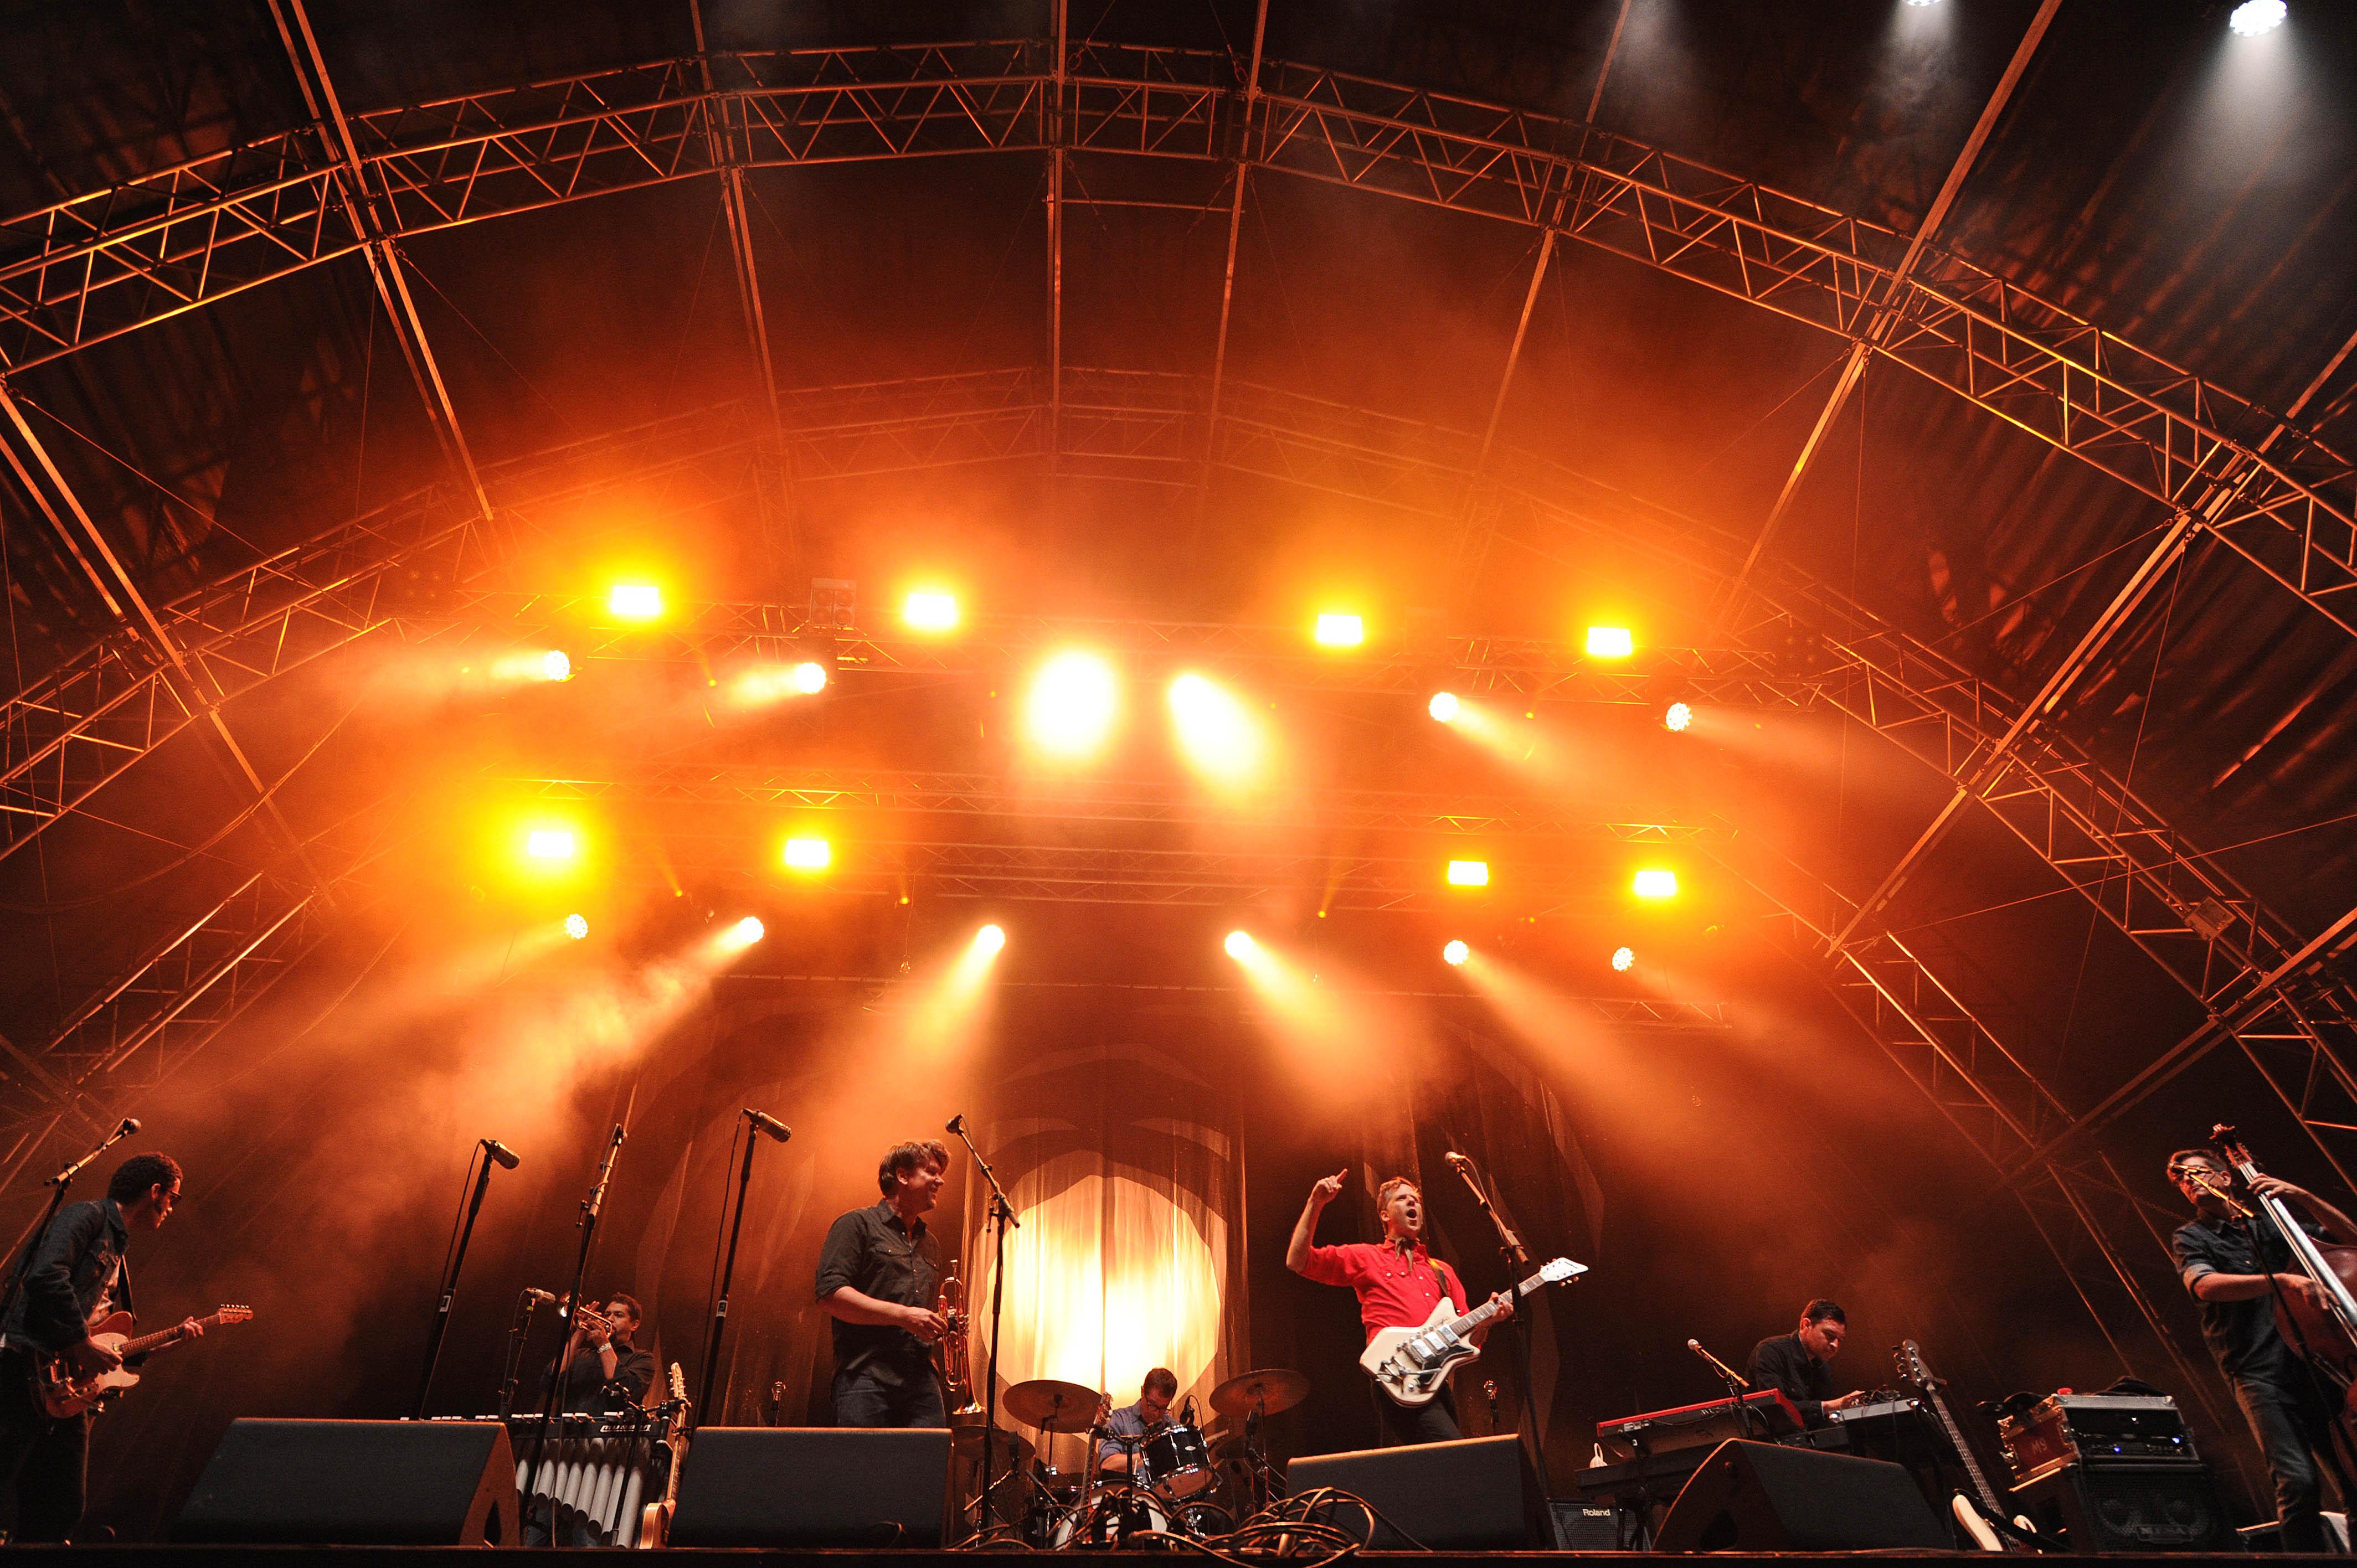 Calexico - die amerikanische Band von Joey Burns und John Convertino live beim A Summer´s Tale Open Air Festival 2015: Pre